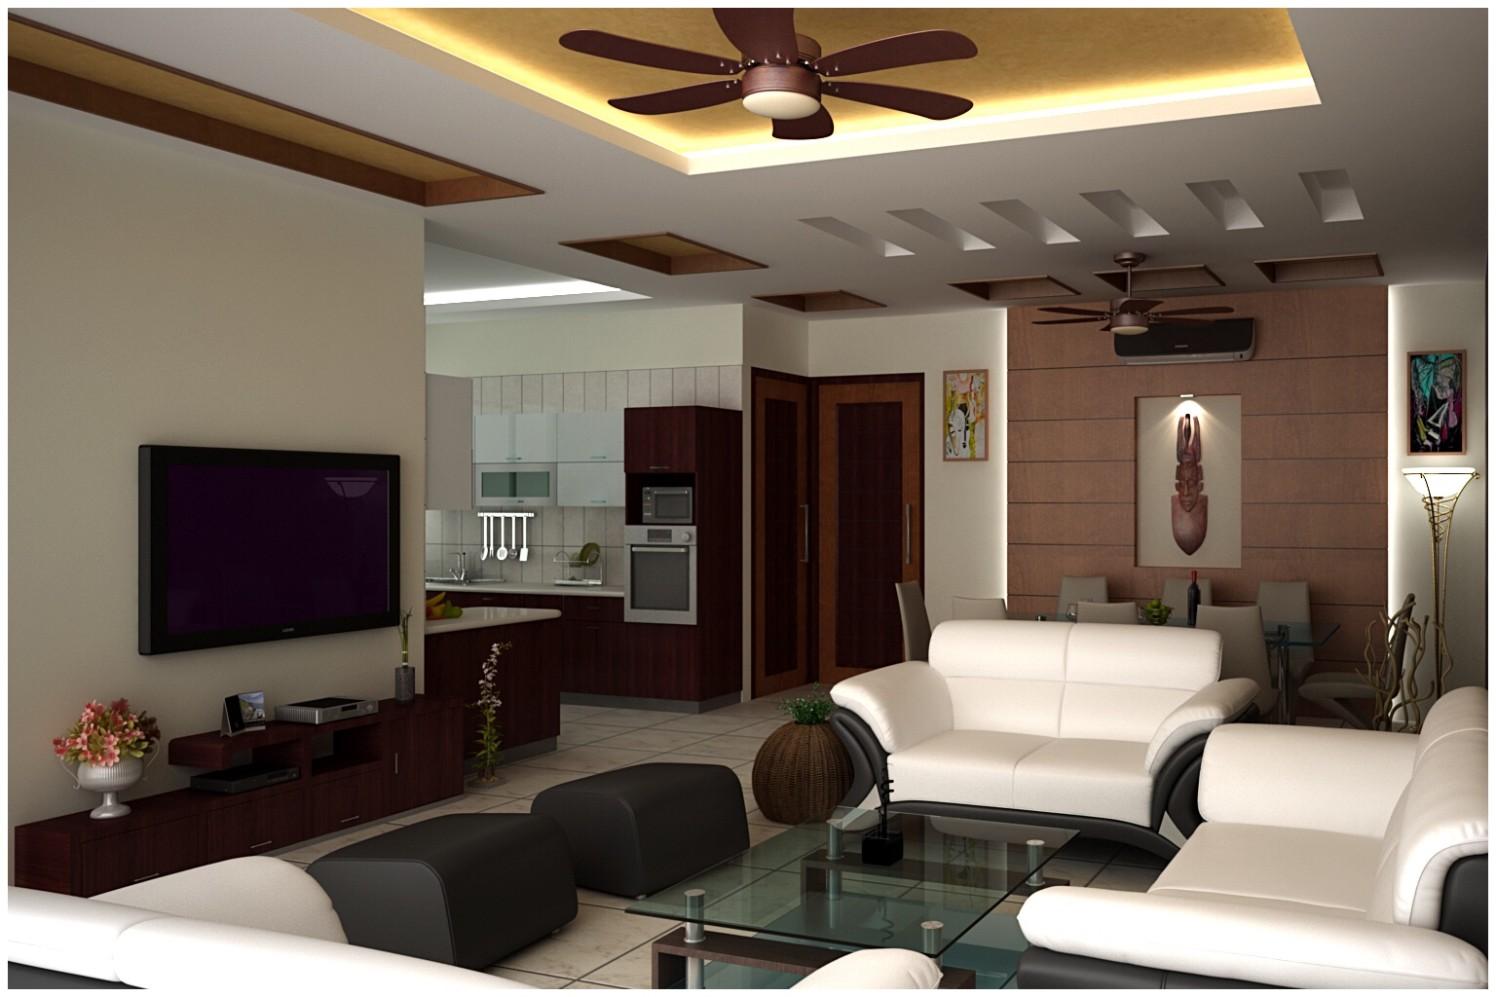 Contemporary living area by Ashish Singh Living-room Contemporary | Interior Design Photos & Ideas